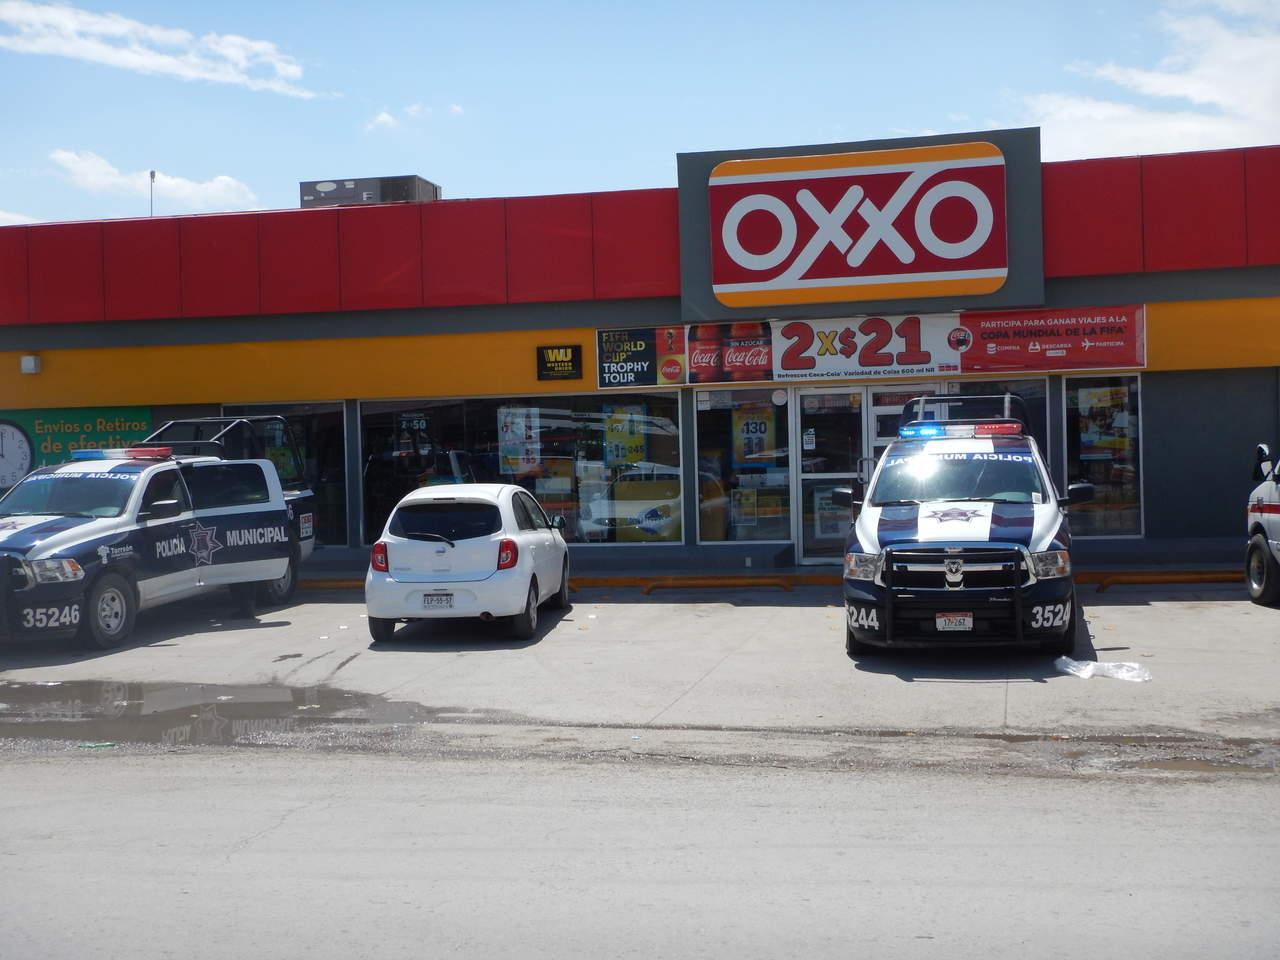 Vigilan tiendas de conveniencia